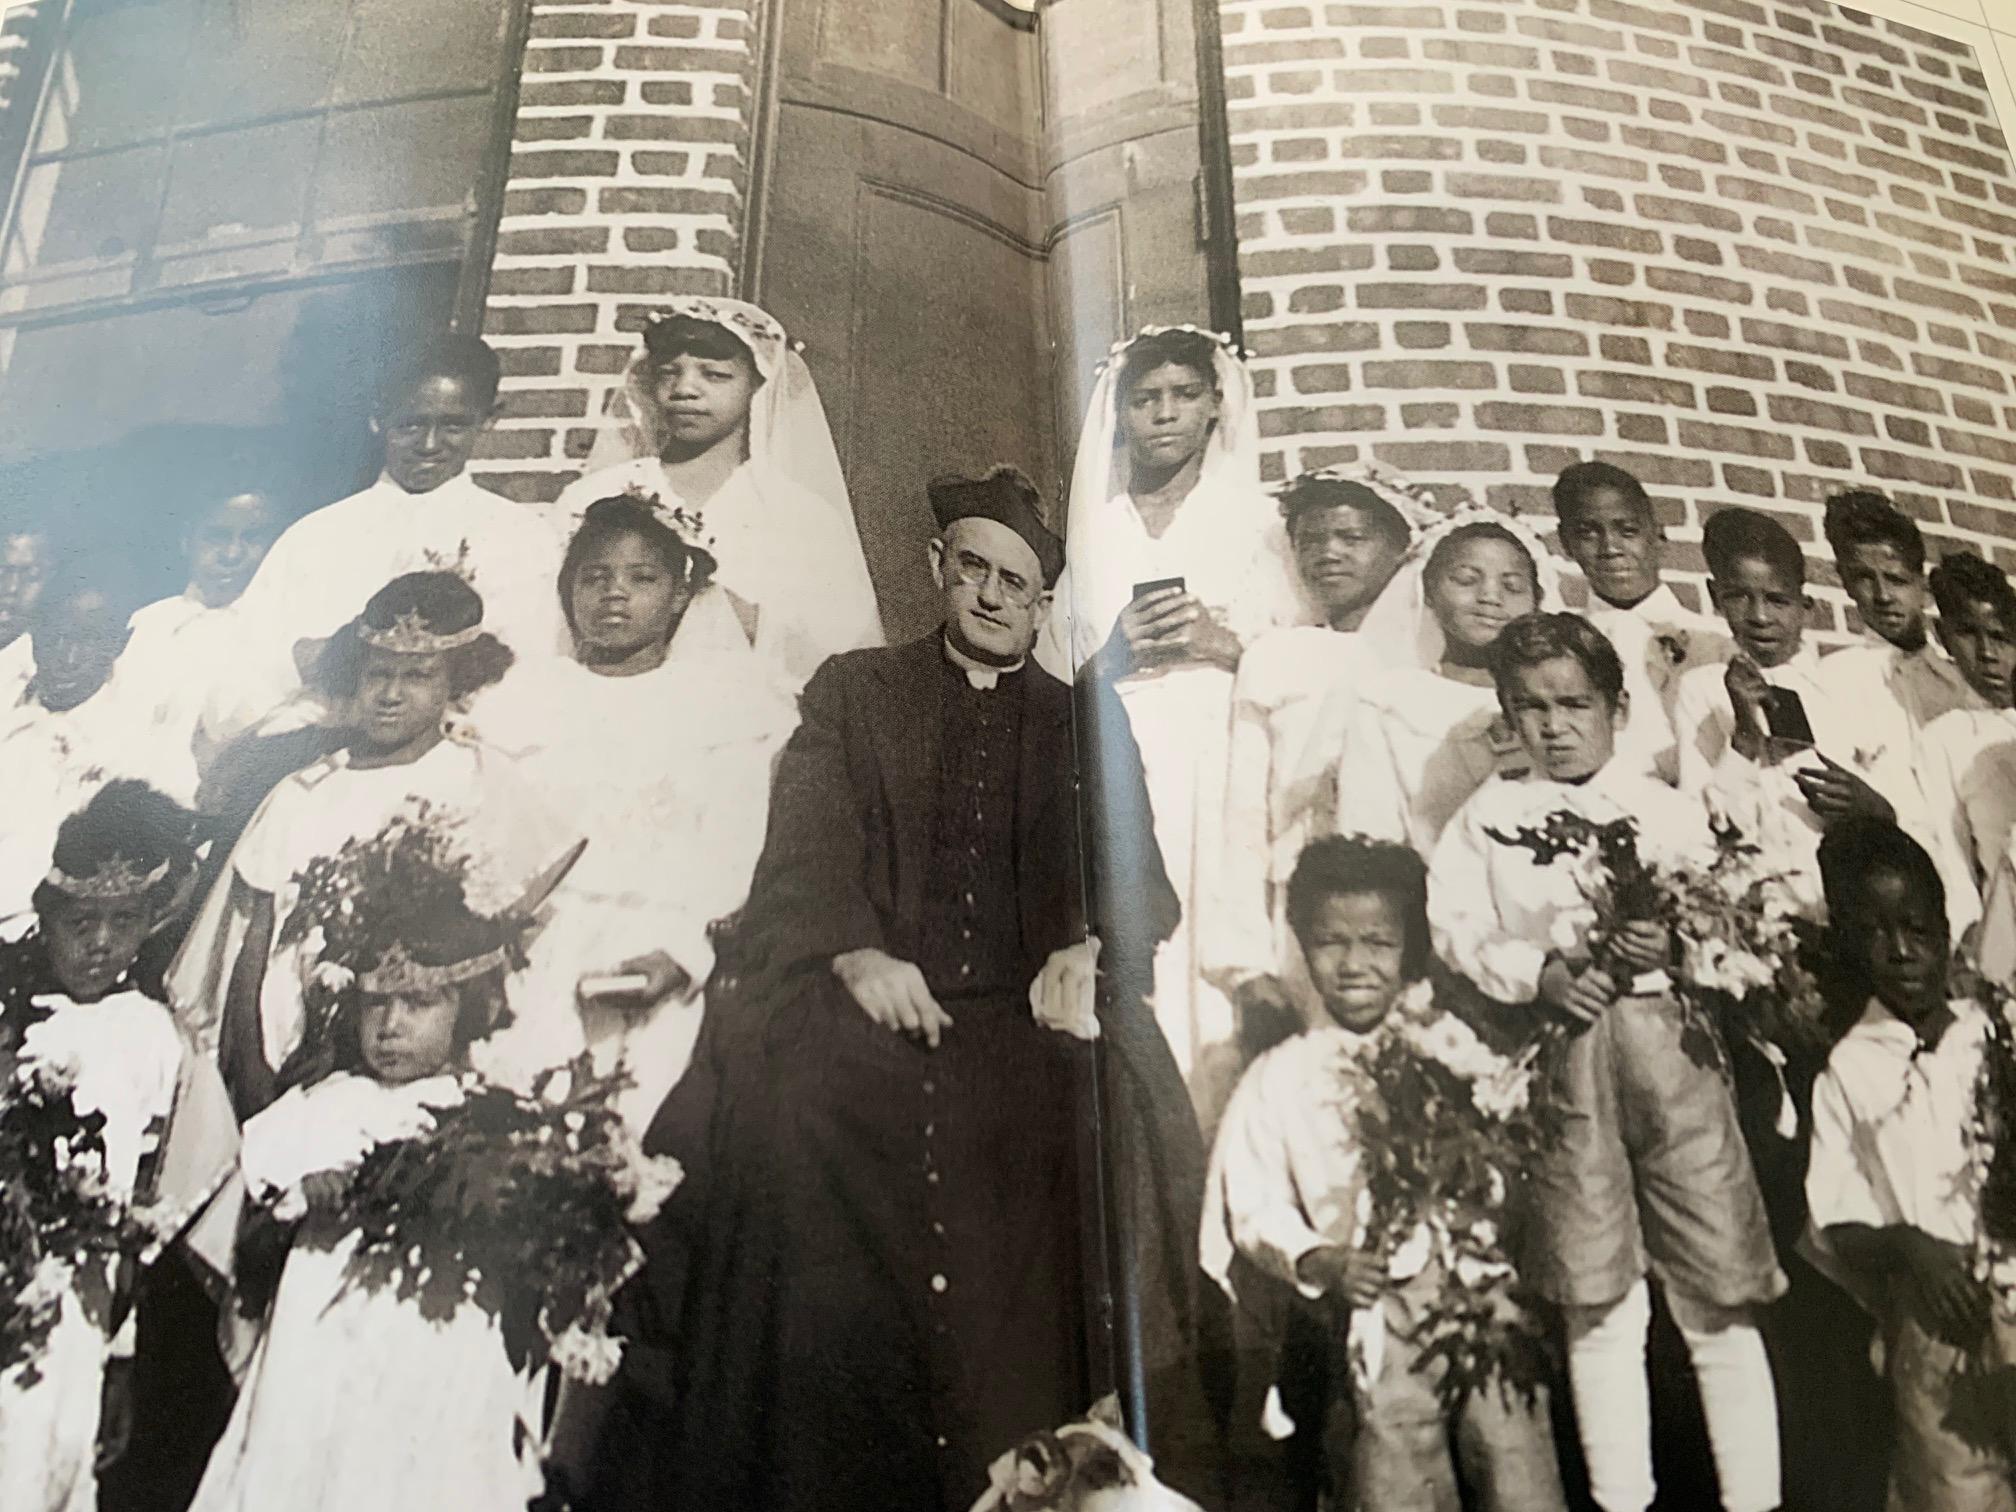 Fr. quinn